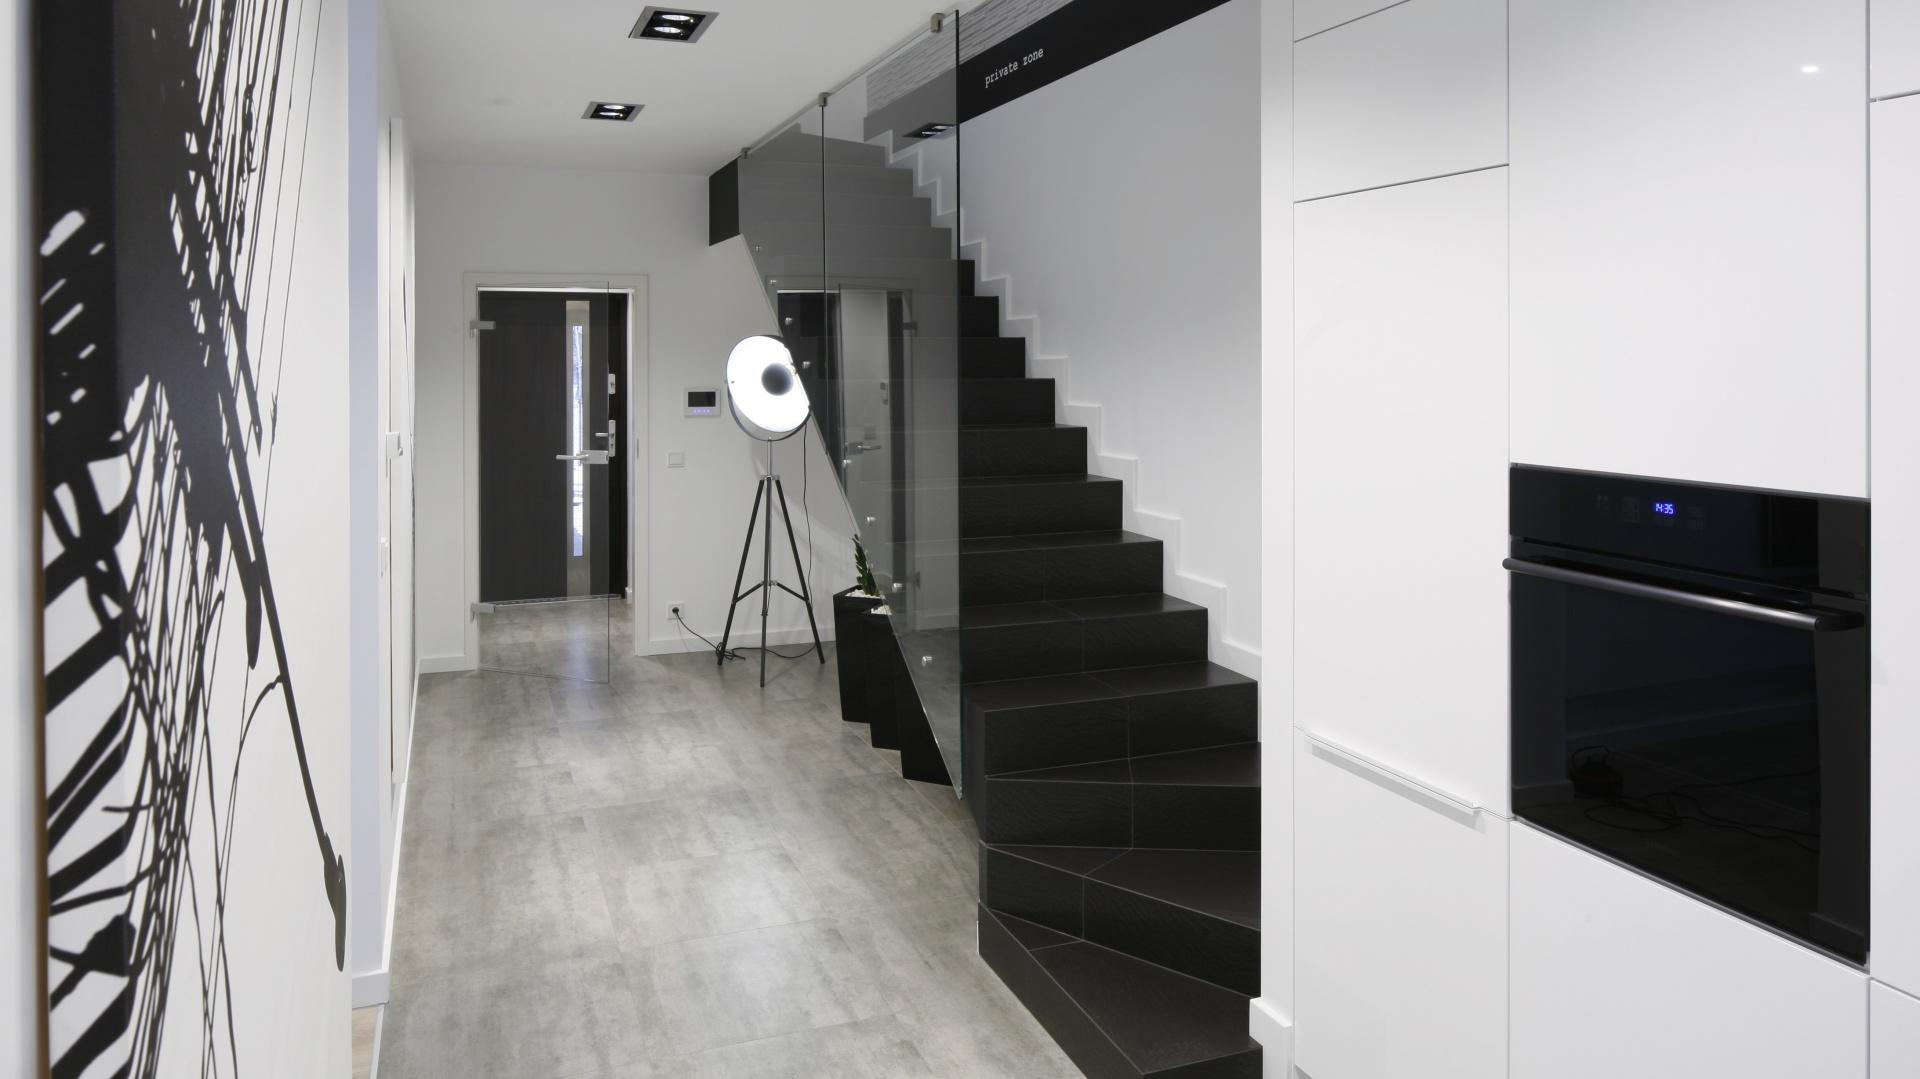 Eleganckie czarne stopnie, przesłonięte szklaną balustradą wychodzą bezpośrednio na kuchnię. Projekt: Karolina Stanek-Szadujko, Łukasz Szadujko. Fot. Bartosz Jarosz